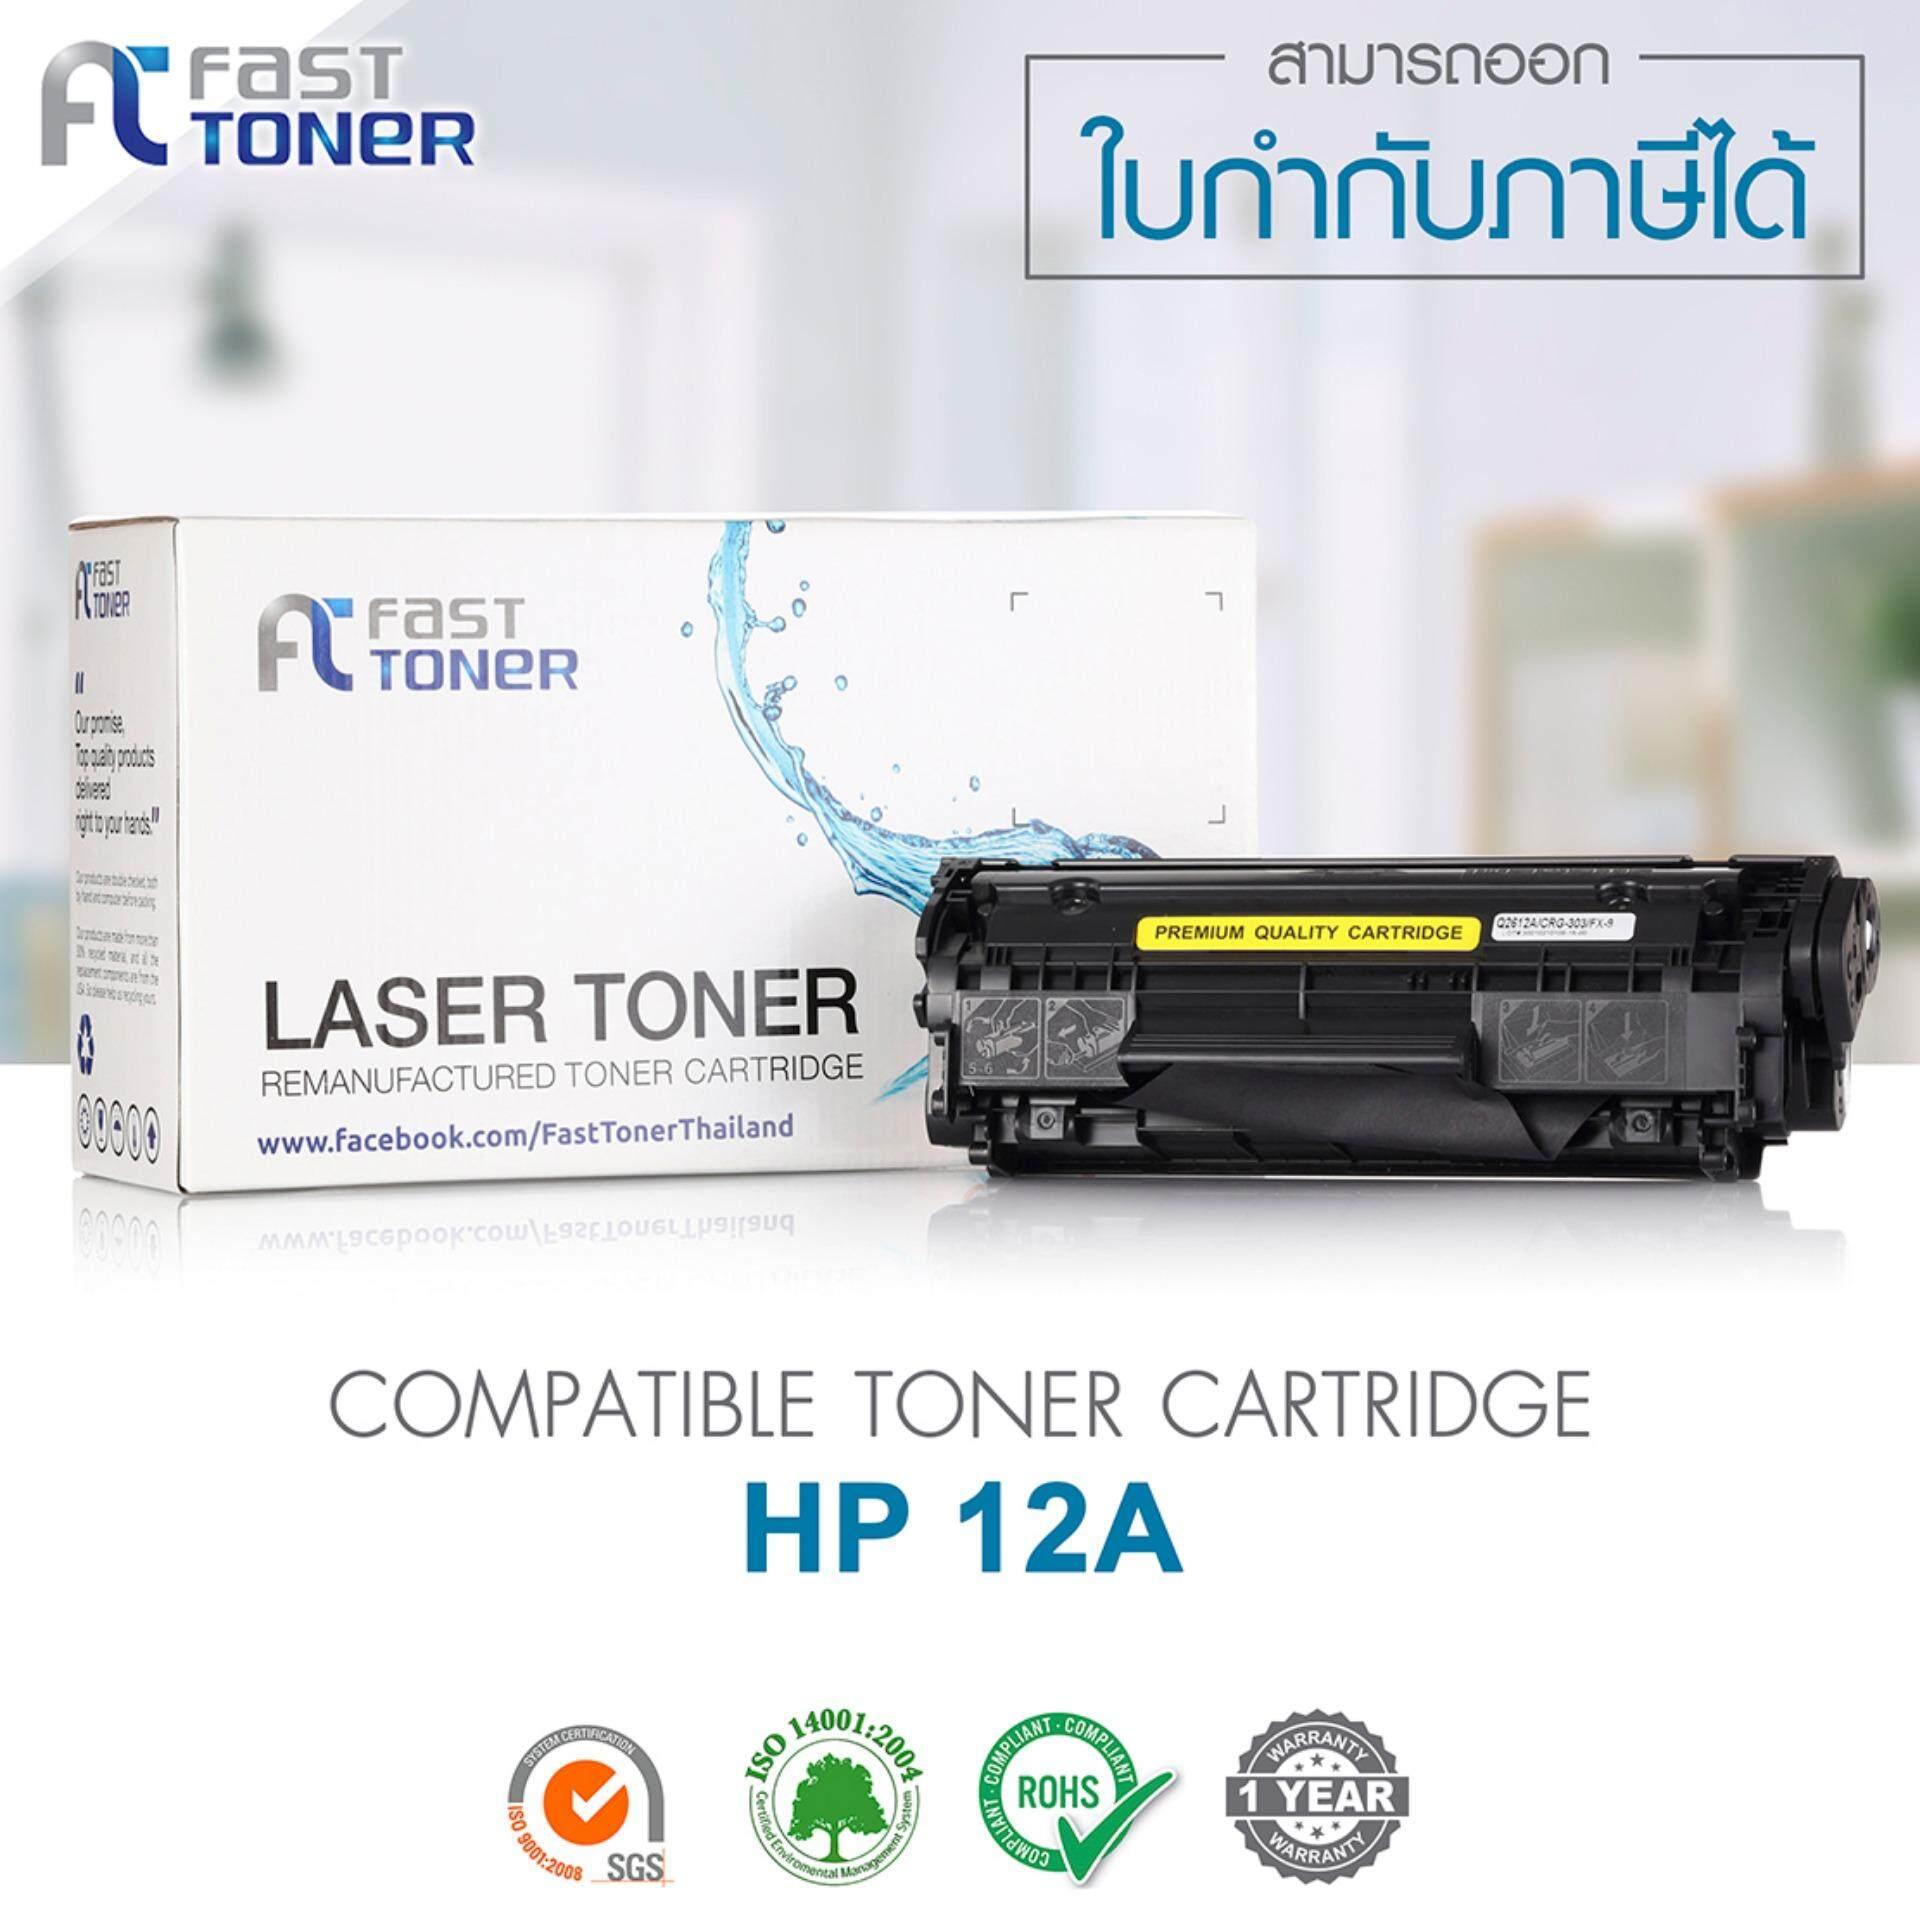 ราคา ตลับหมึกพิมพ์เลเซอร์ Hp Q2612A 12A Fast Toner Black